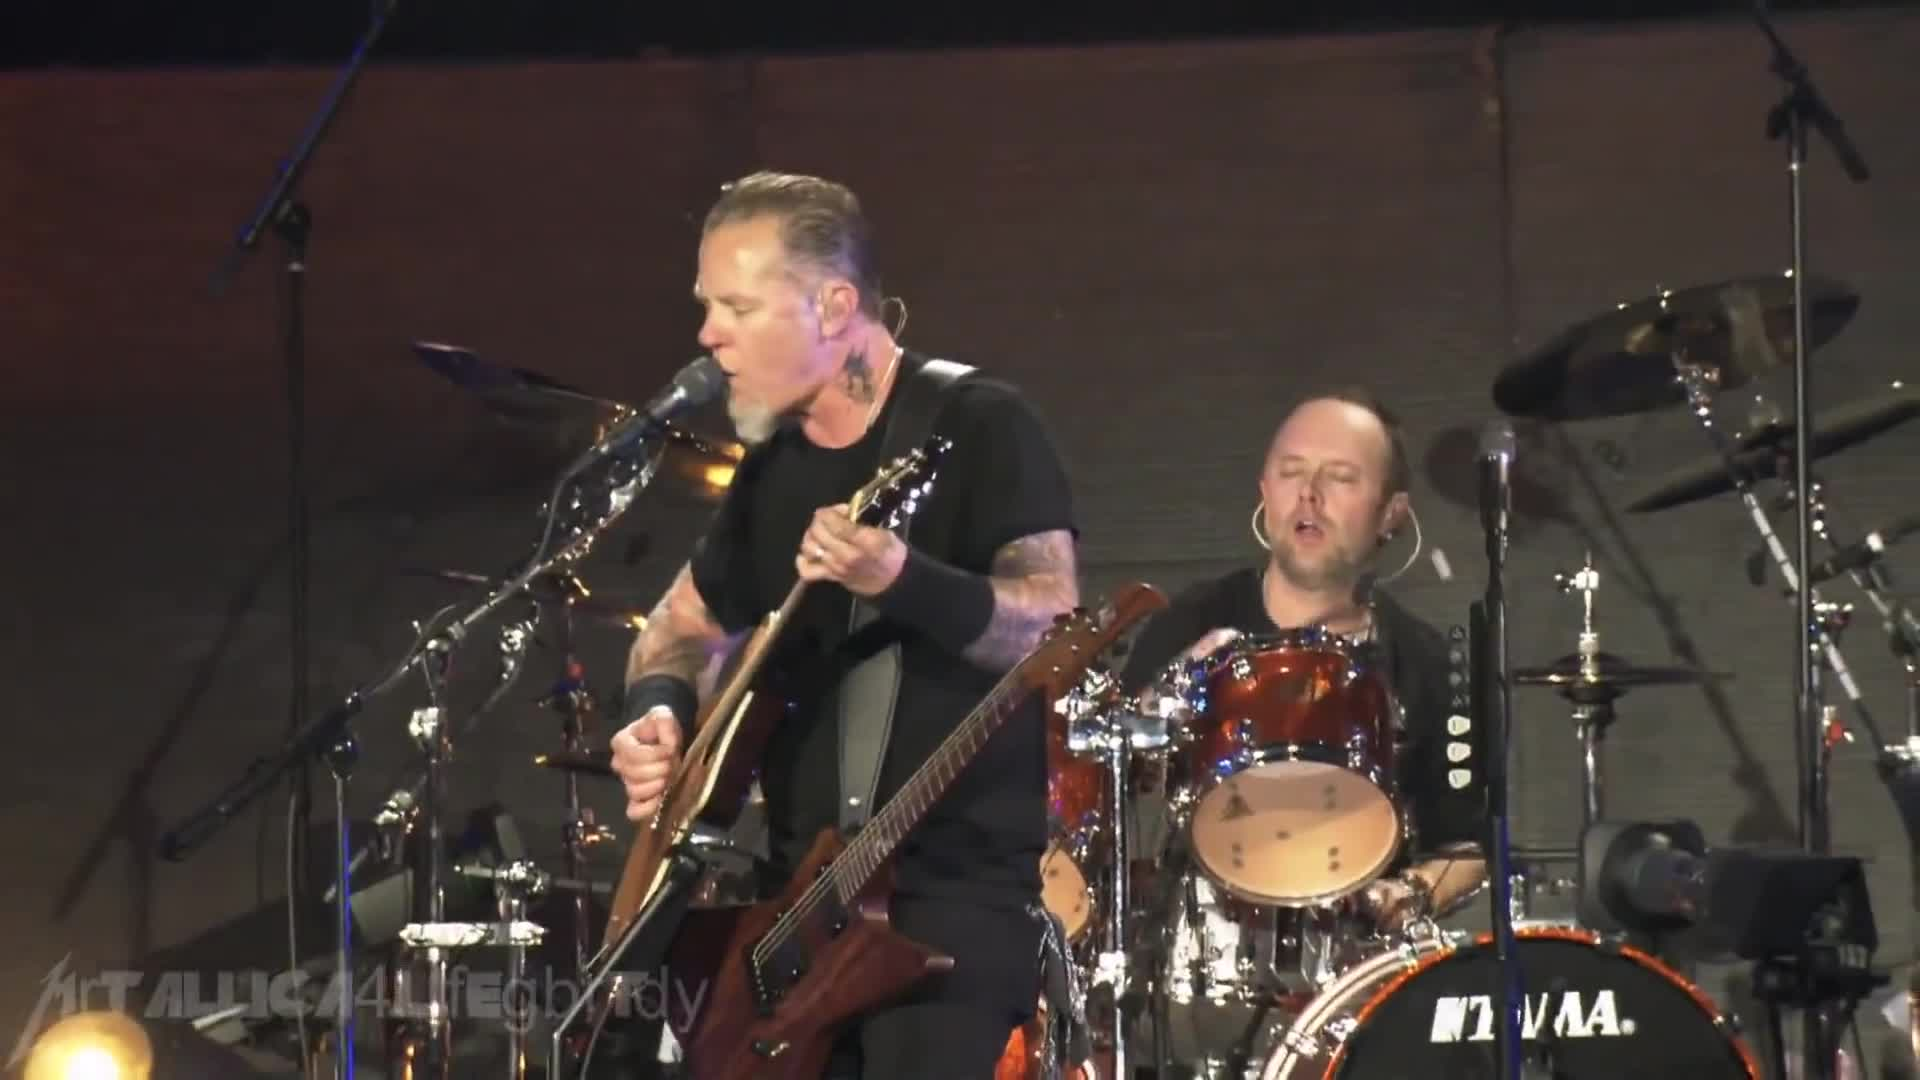 Metallica Unforgiven Клип Скачать Бесплатно